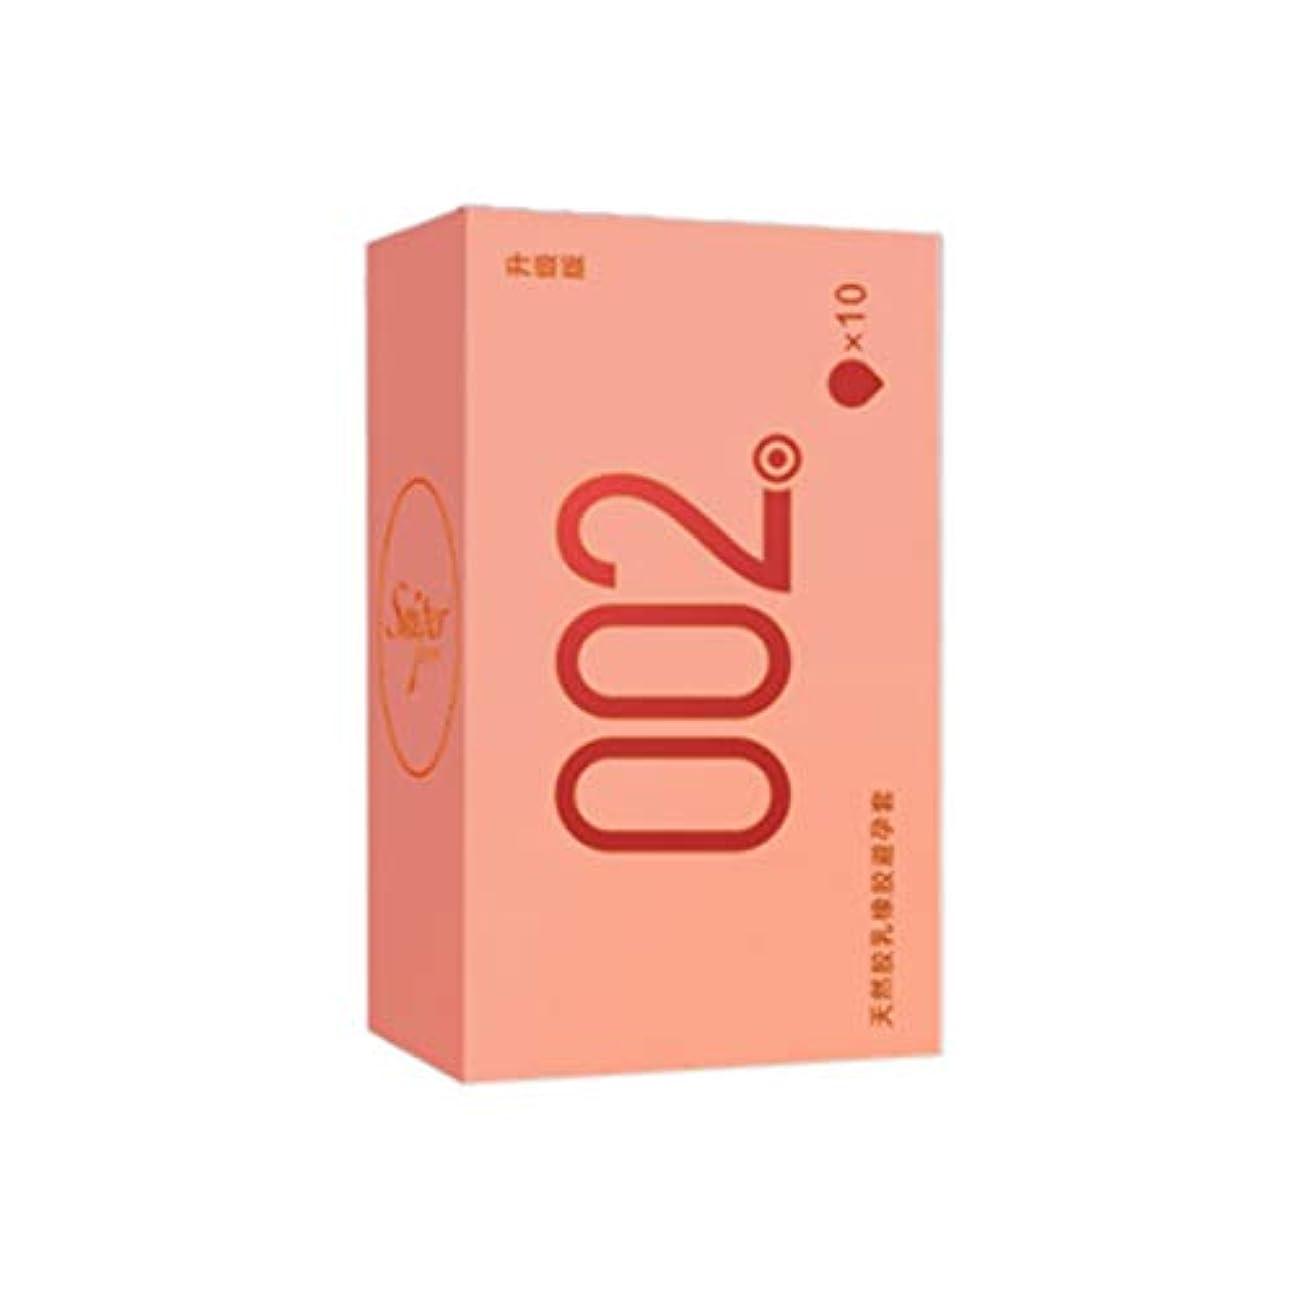 息苦しい弾性ガイダンスKOULI 10個入り コンドーム 薄型 ヒアルロン酸コンドーム 極薄コンドーム 0.02ミリ